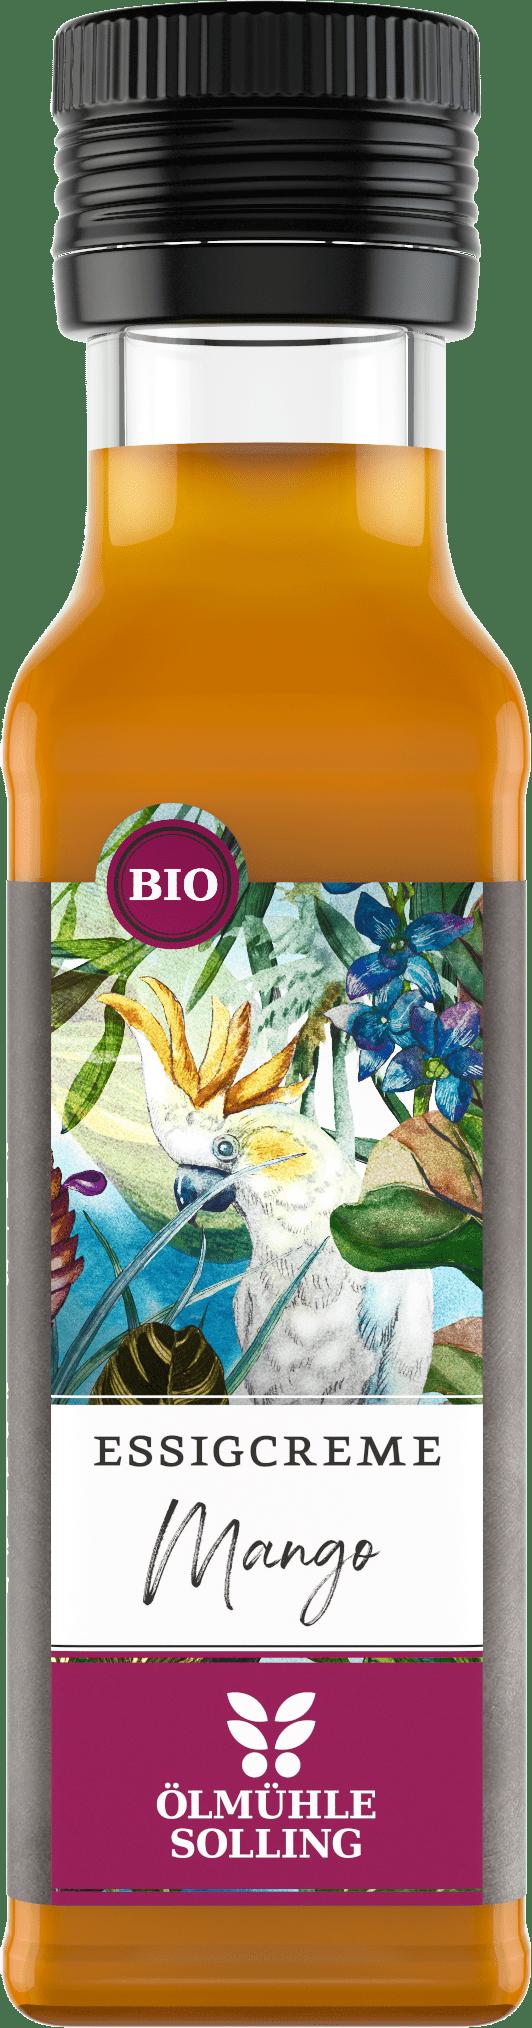 Mango Essigcreme 100 ml von Ölmühle Solling